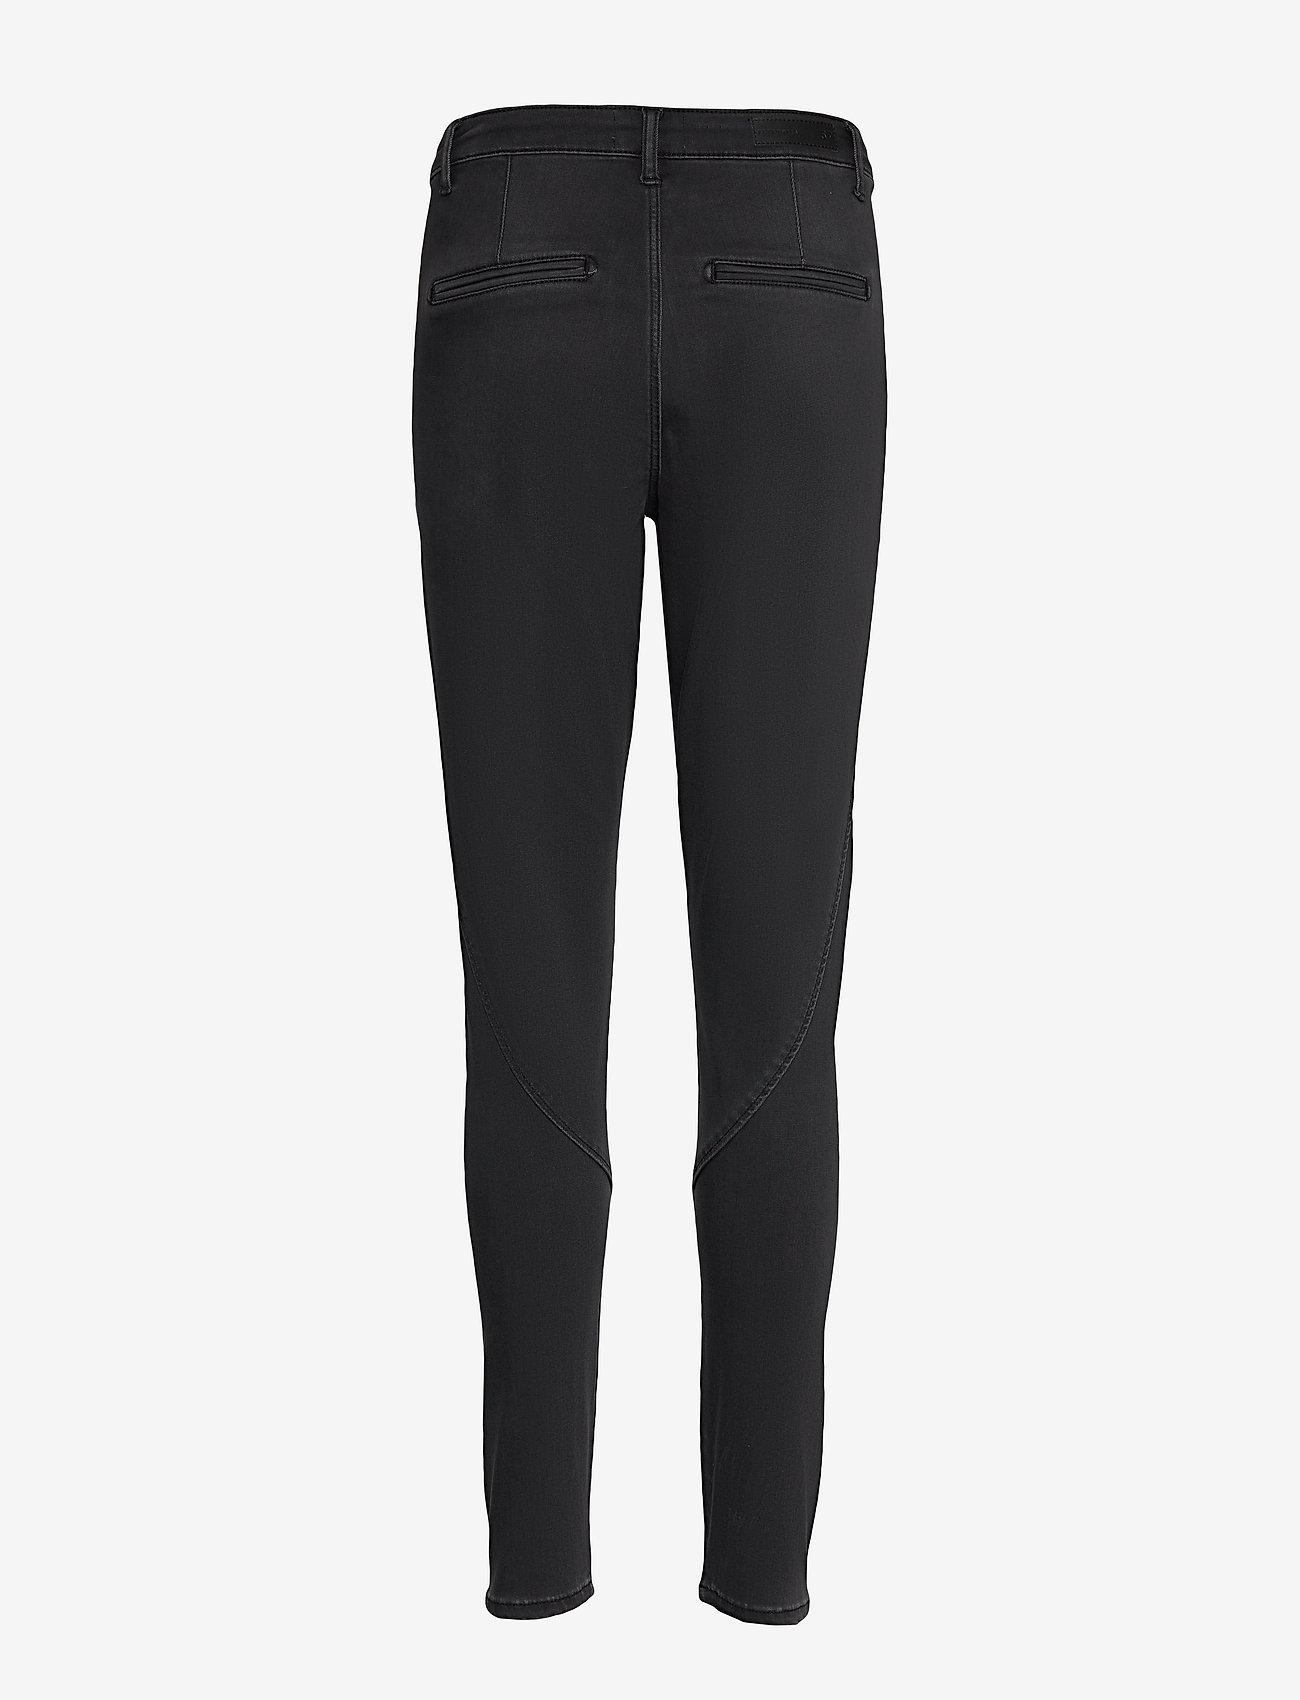 FIVEUNITS - Jolie 473 - slim jeans - fall black - 1